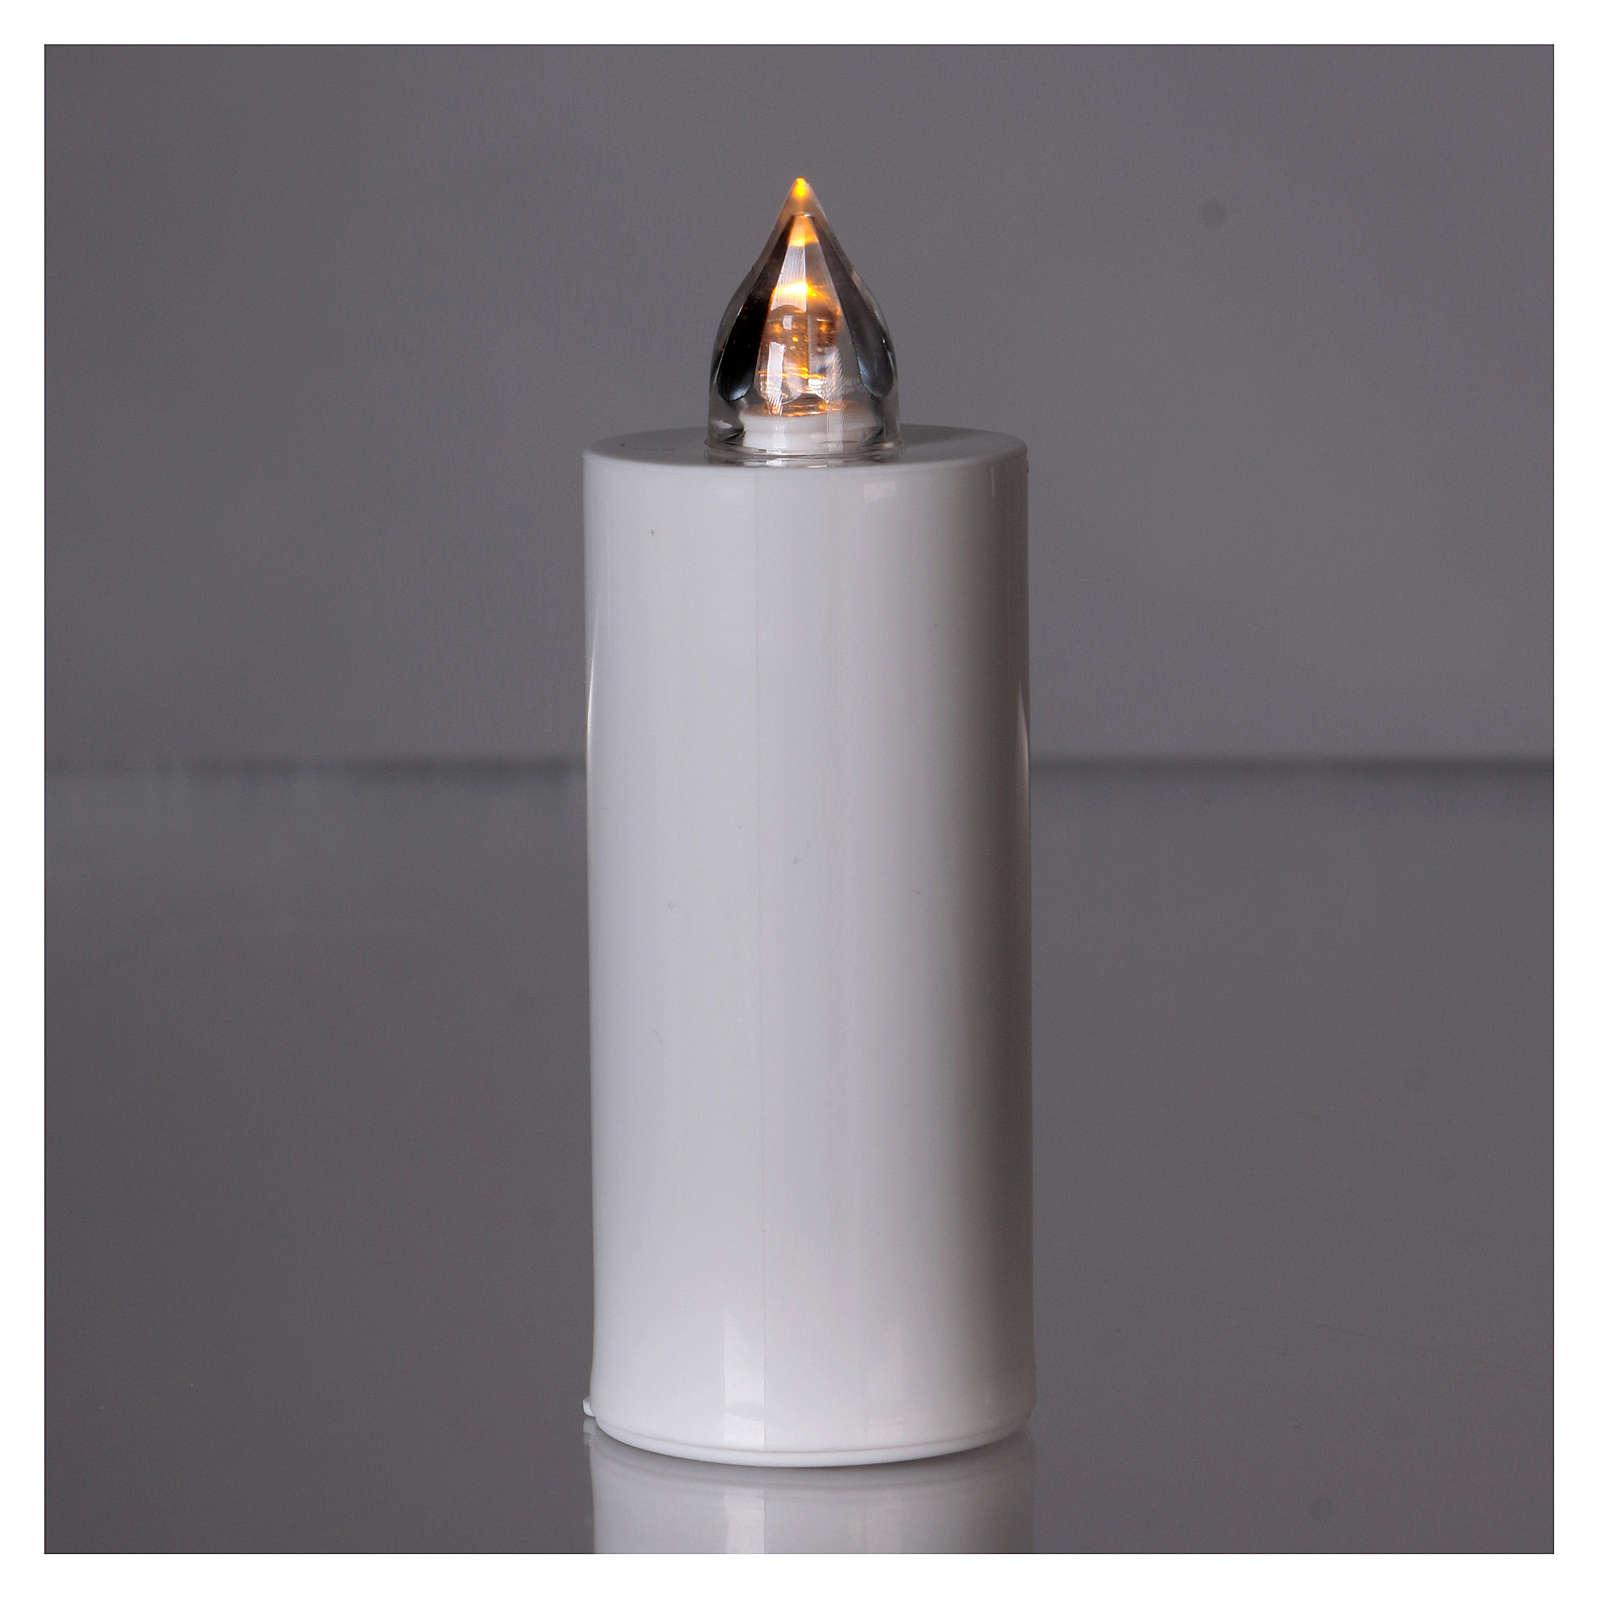 Świeczka wotywna znicz Lumada biała ze światłem żółtym stałym 3